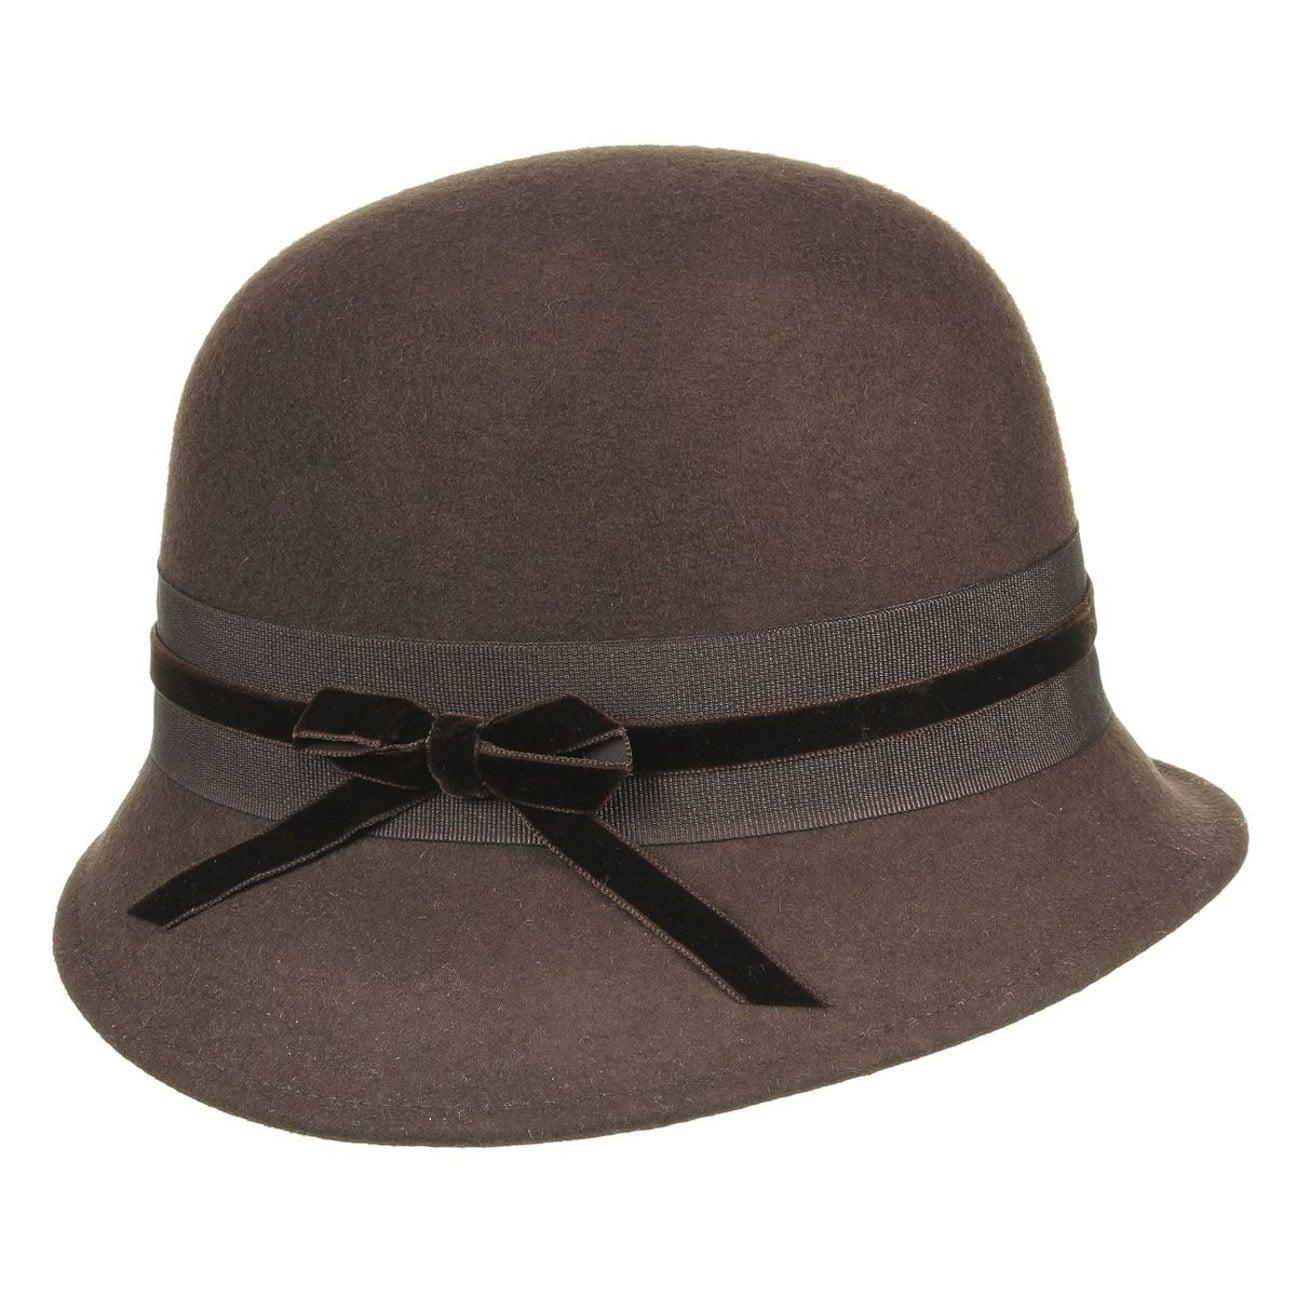 Sombrero Cloch? Fieltro Marina by Bront?  sombreros de fieltro